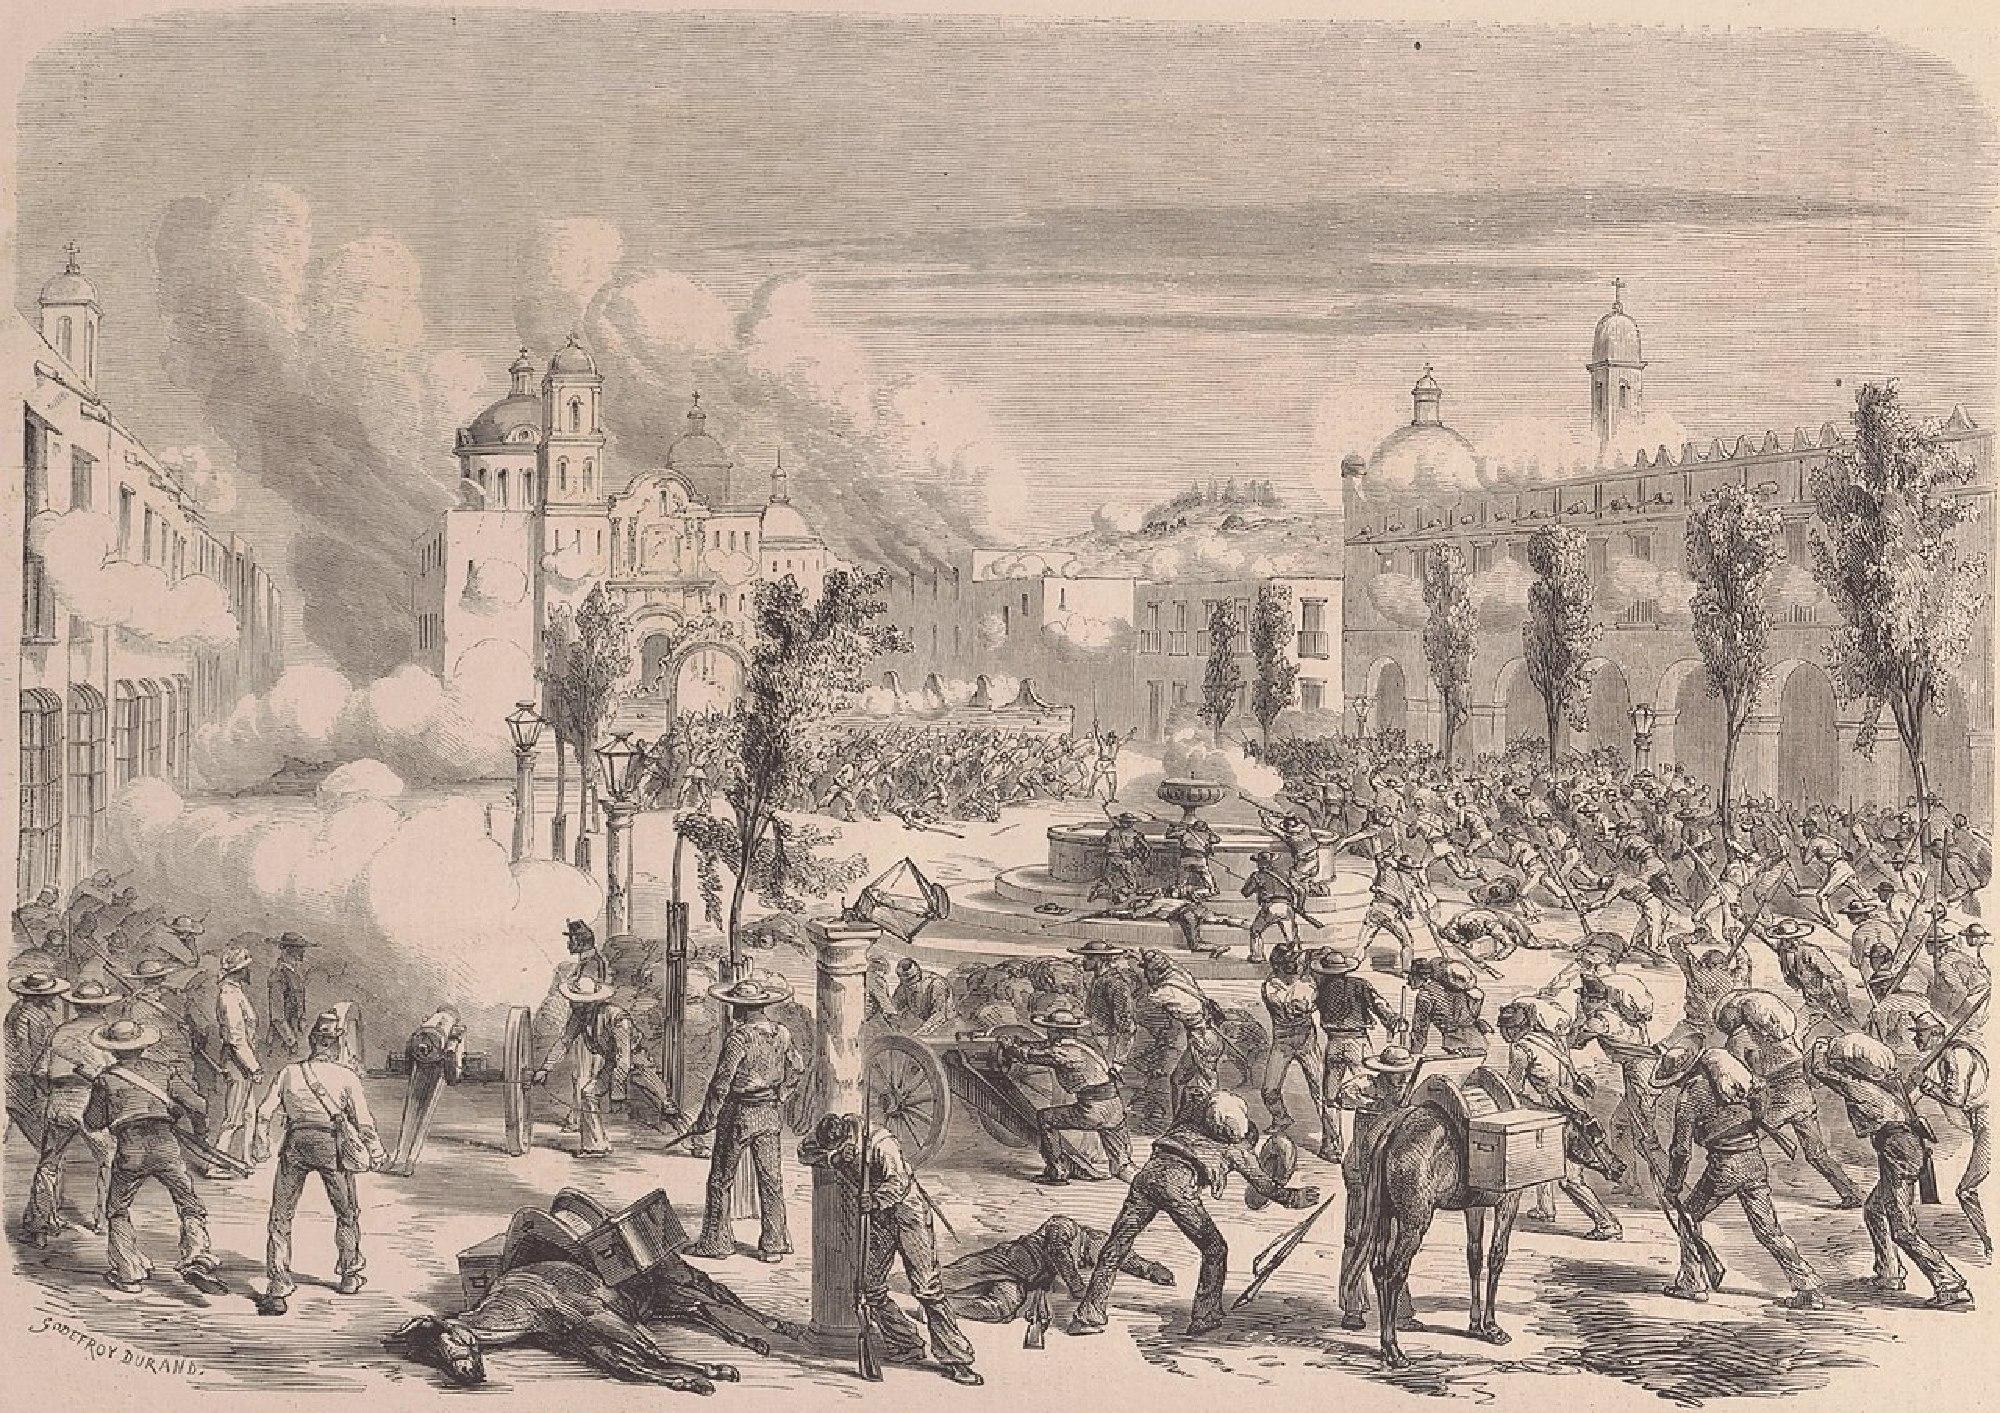 Grabado de Le Monde Ilustré que muestra una escena de la Invasión Francesa a México en 1865.